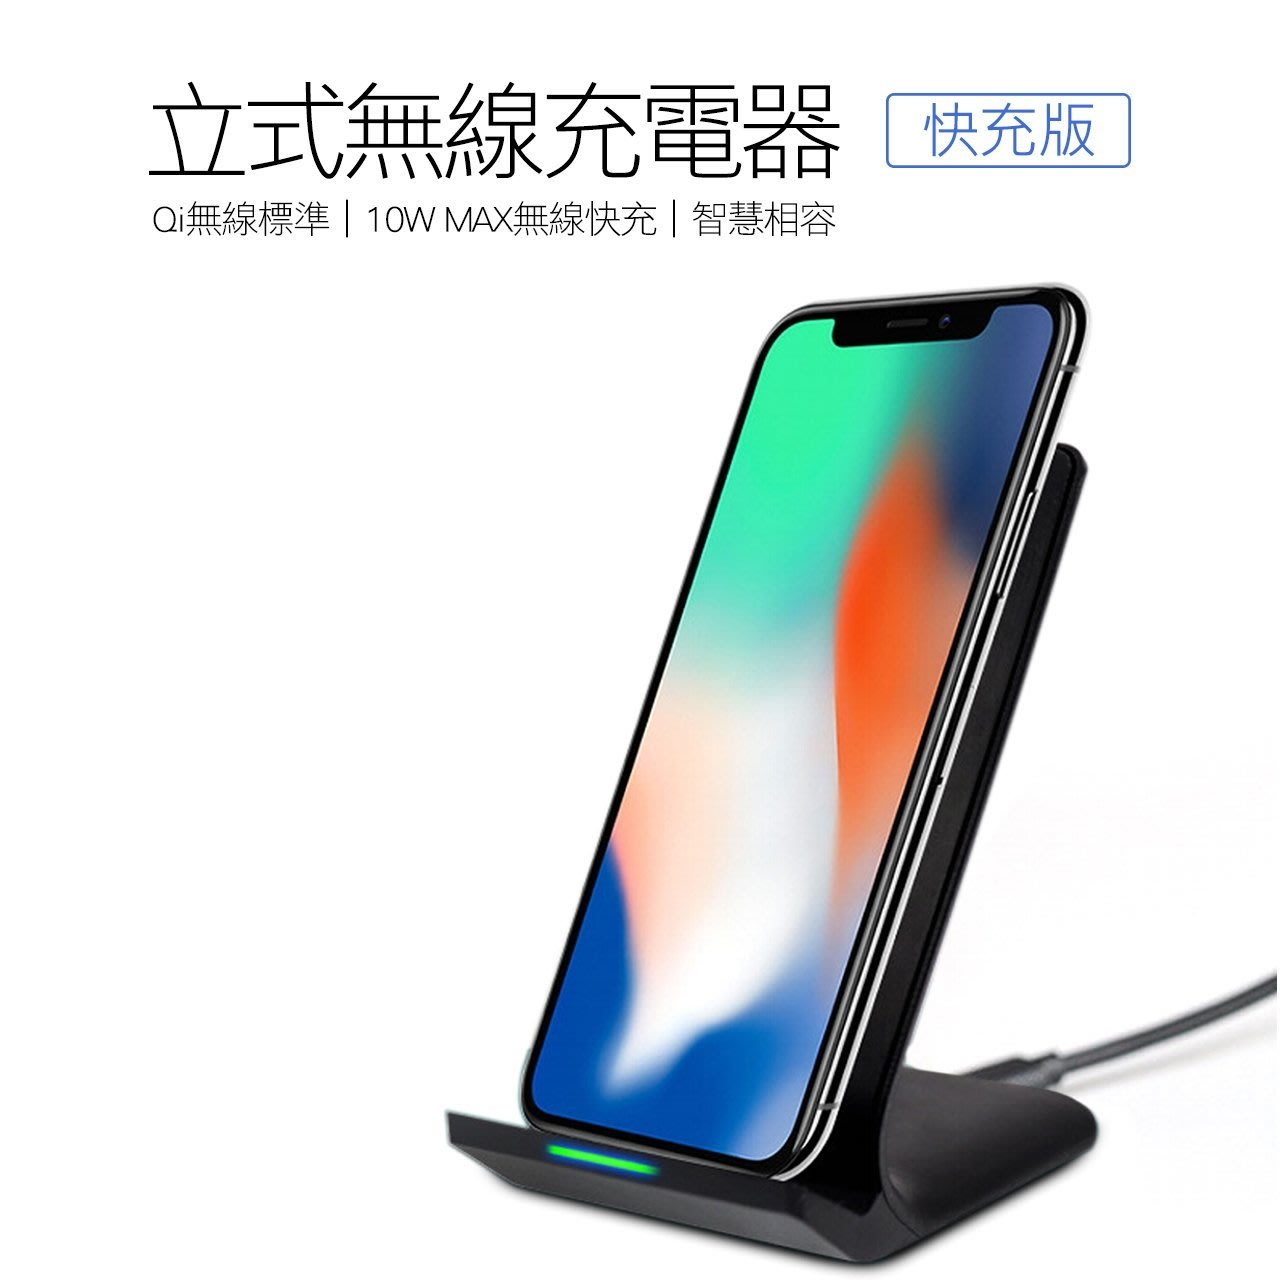 支援9V快充 QI立式手機架無線充電盤 無線座充充電器 支援XR MAX XS I8Plus【C1005】